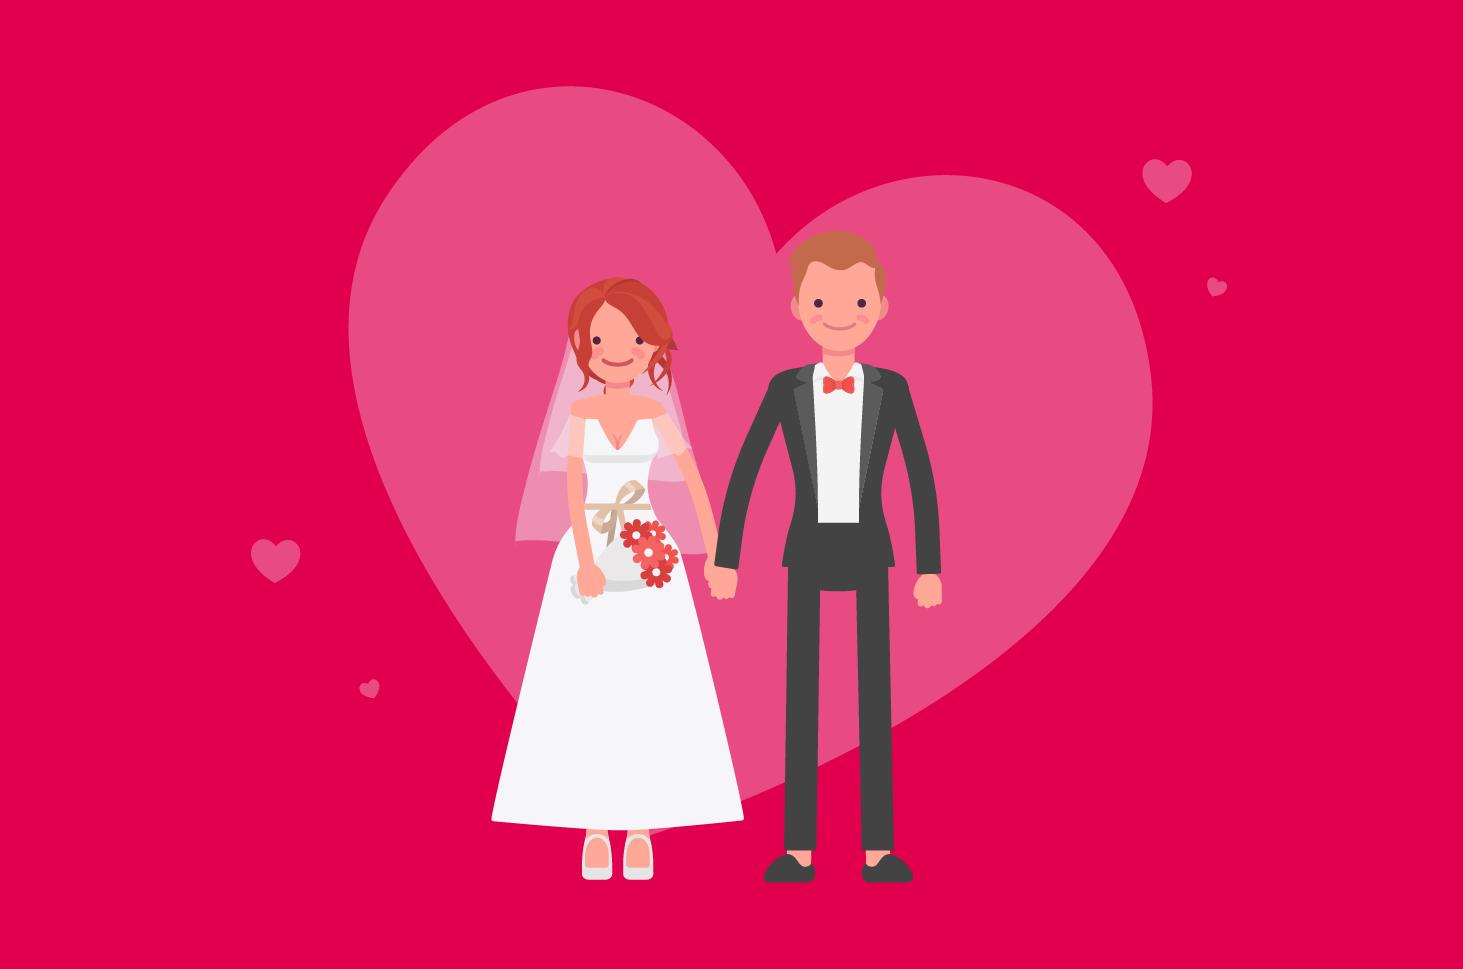 Hal Yang Sering Membuat Orang Ingin Menikah Muda. Kamu Juga Merasakan?